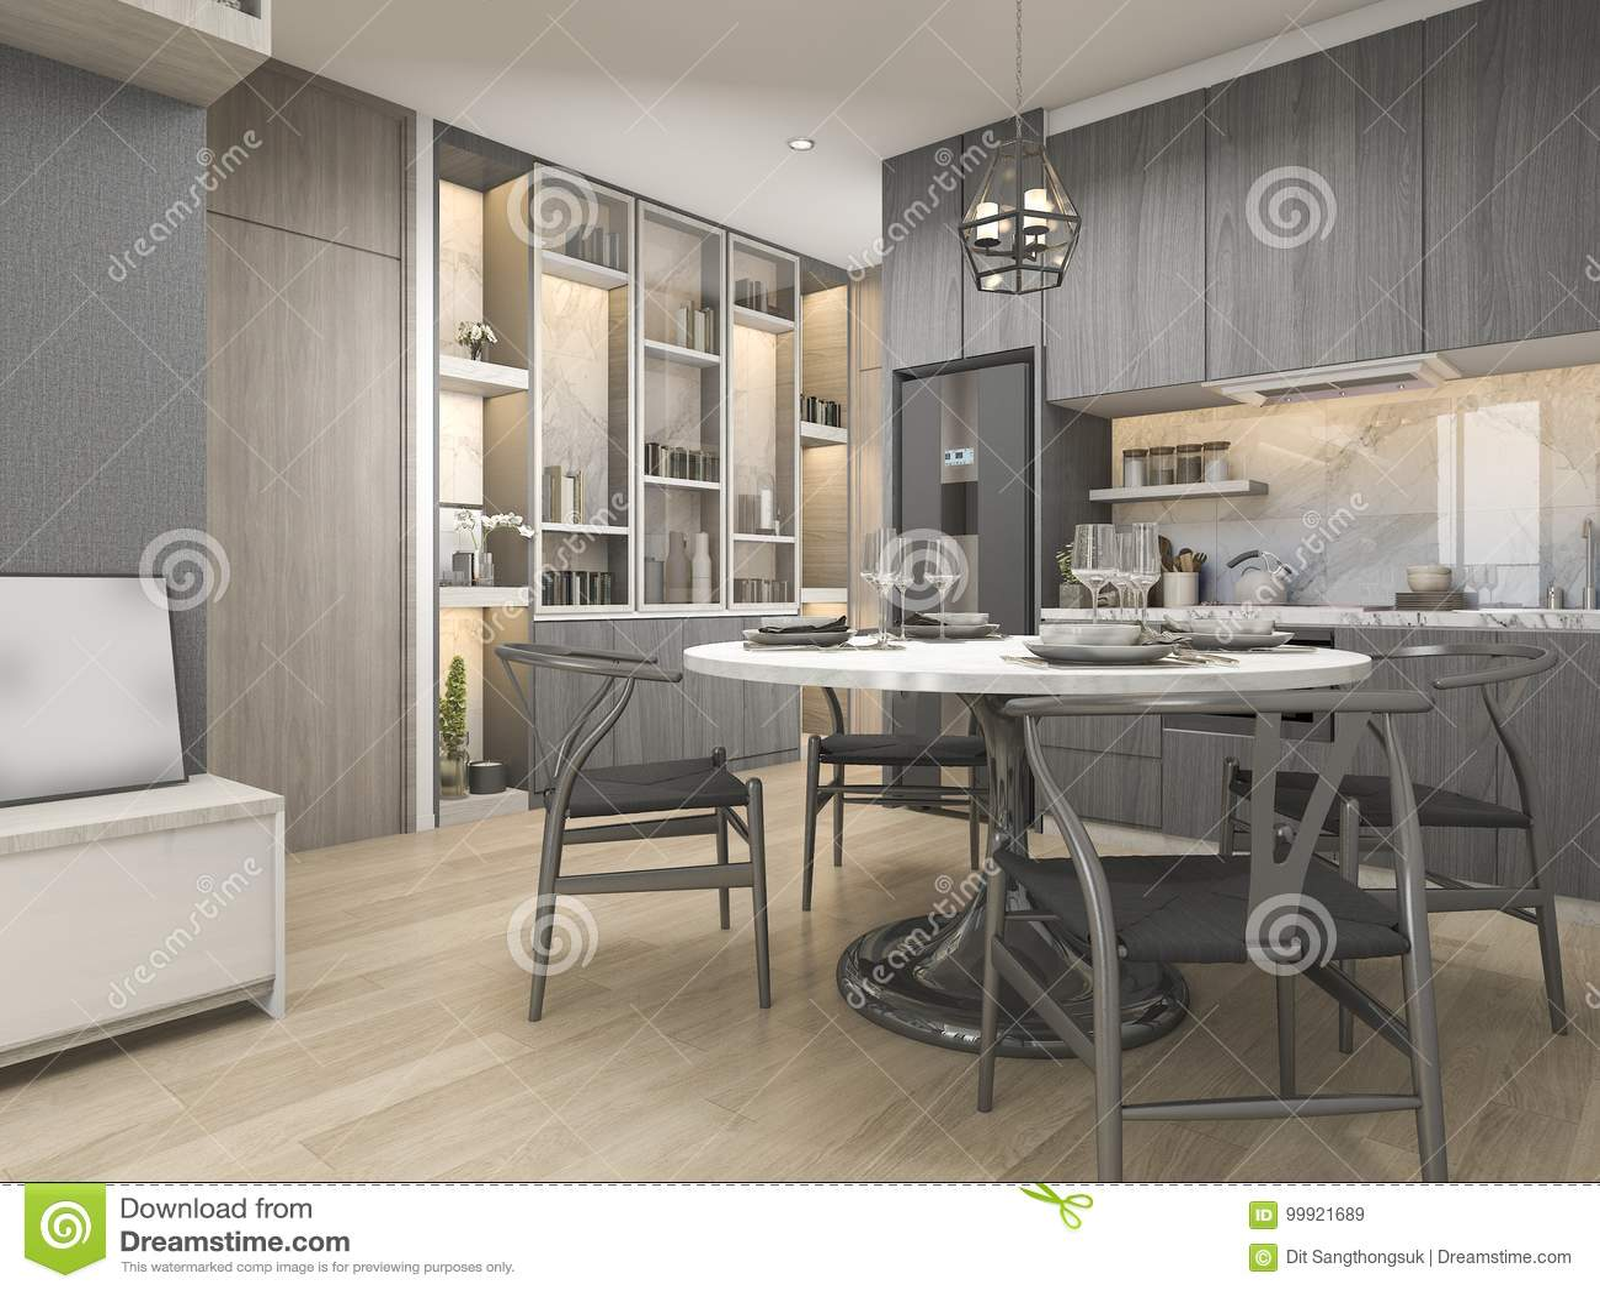 3d Que Rende A Cozinha Moderna E Luxuosa Branca Do Projeto Com Mesa